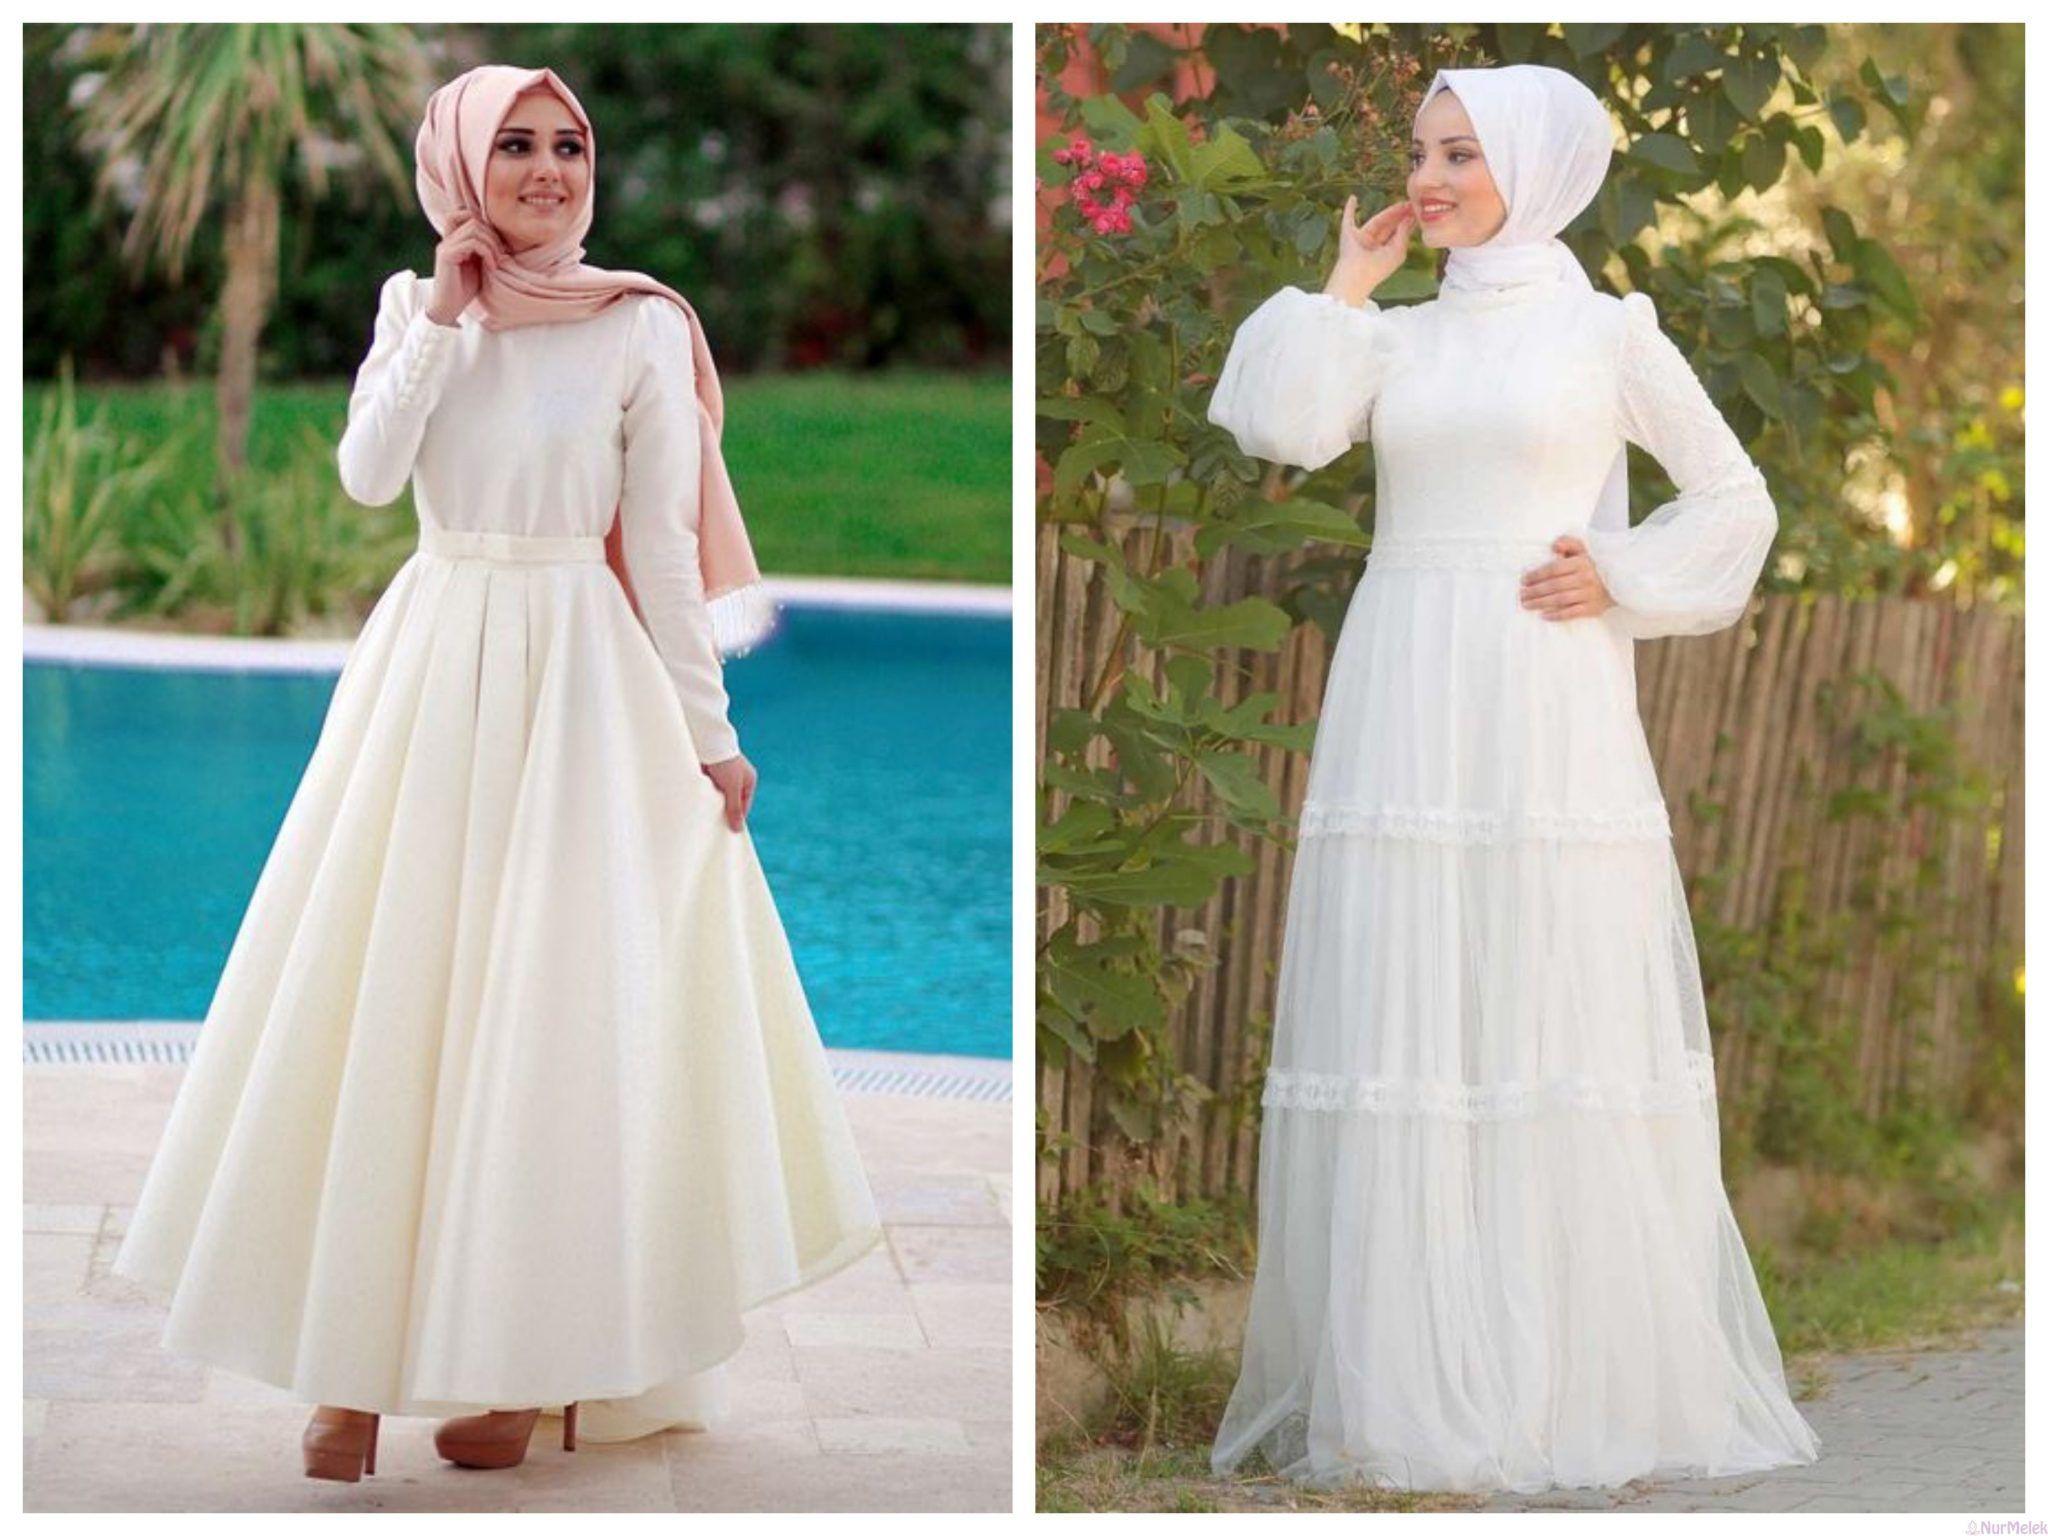 En Guzel 20 Beyaz Tesettur Abiye Modeli 2020 Victorian Elbiseler Kadin Elbise